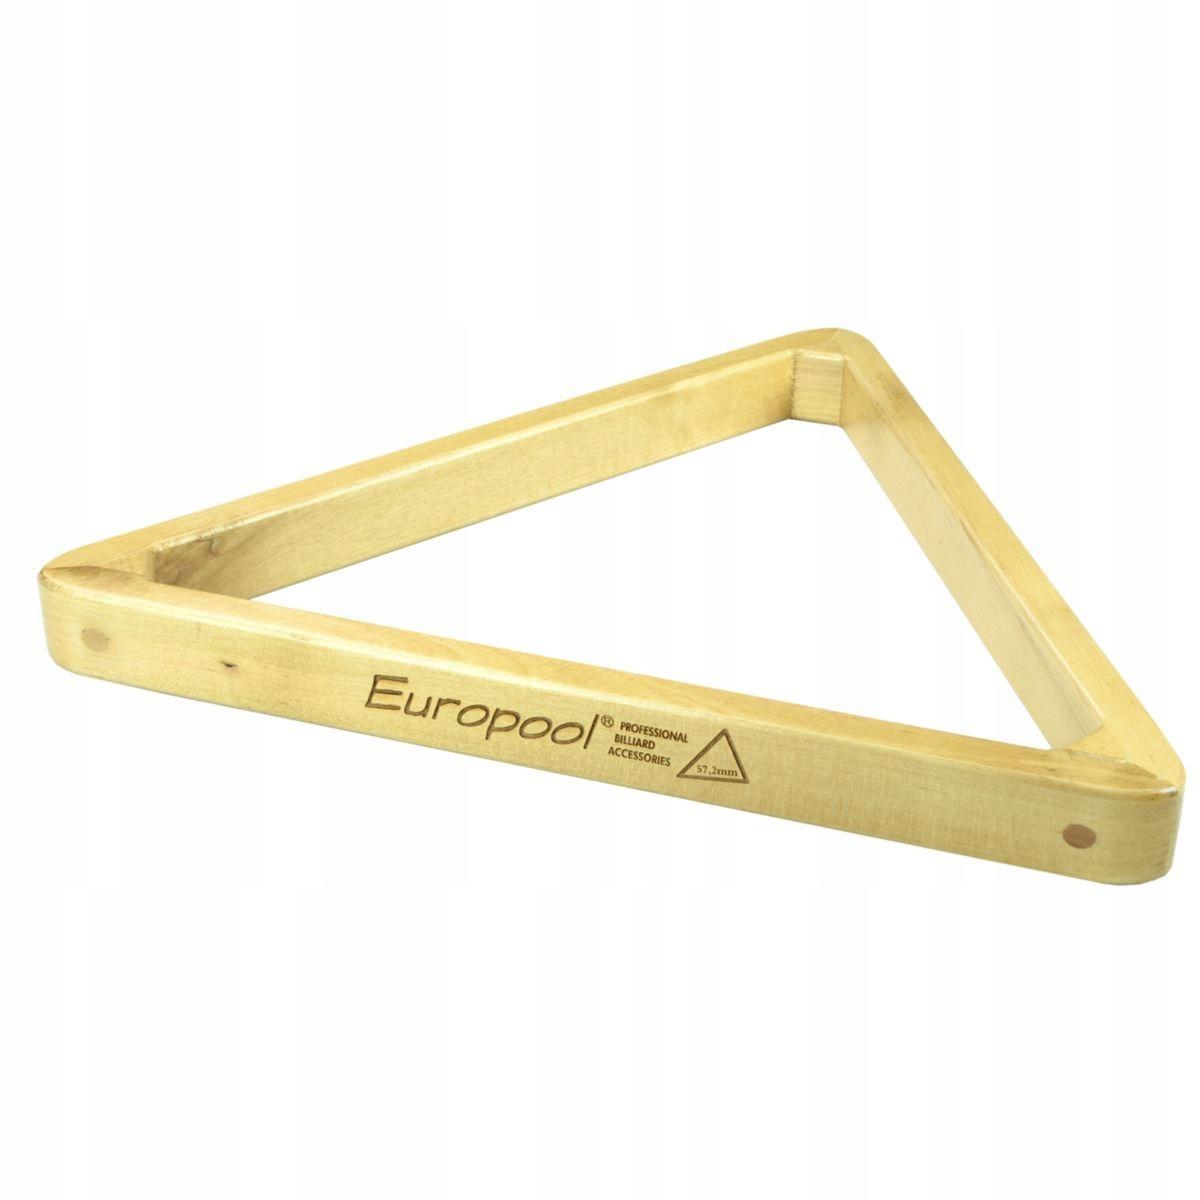 Купить треугольник BILARDOWY EUROPOOL 572 Полоскать  перечной на Eurozakup - цены и фото - доставка из Польши и стран Европы в Украину.